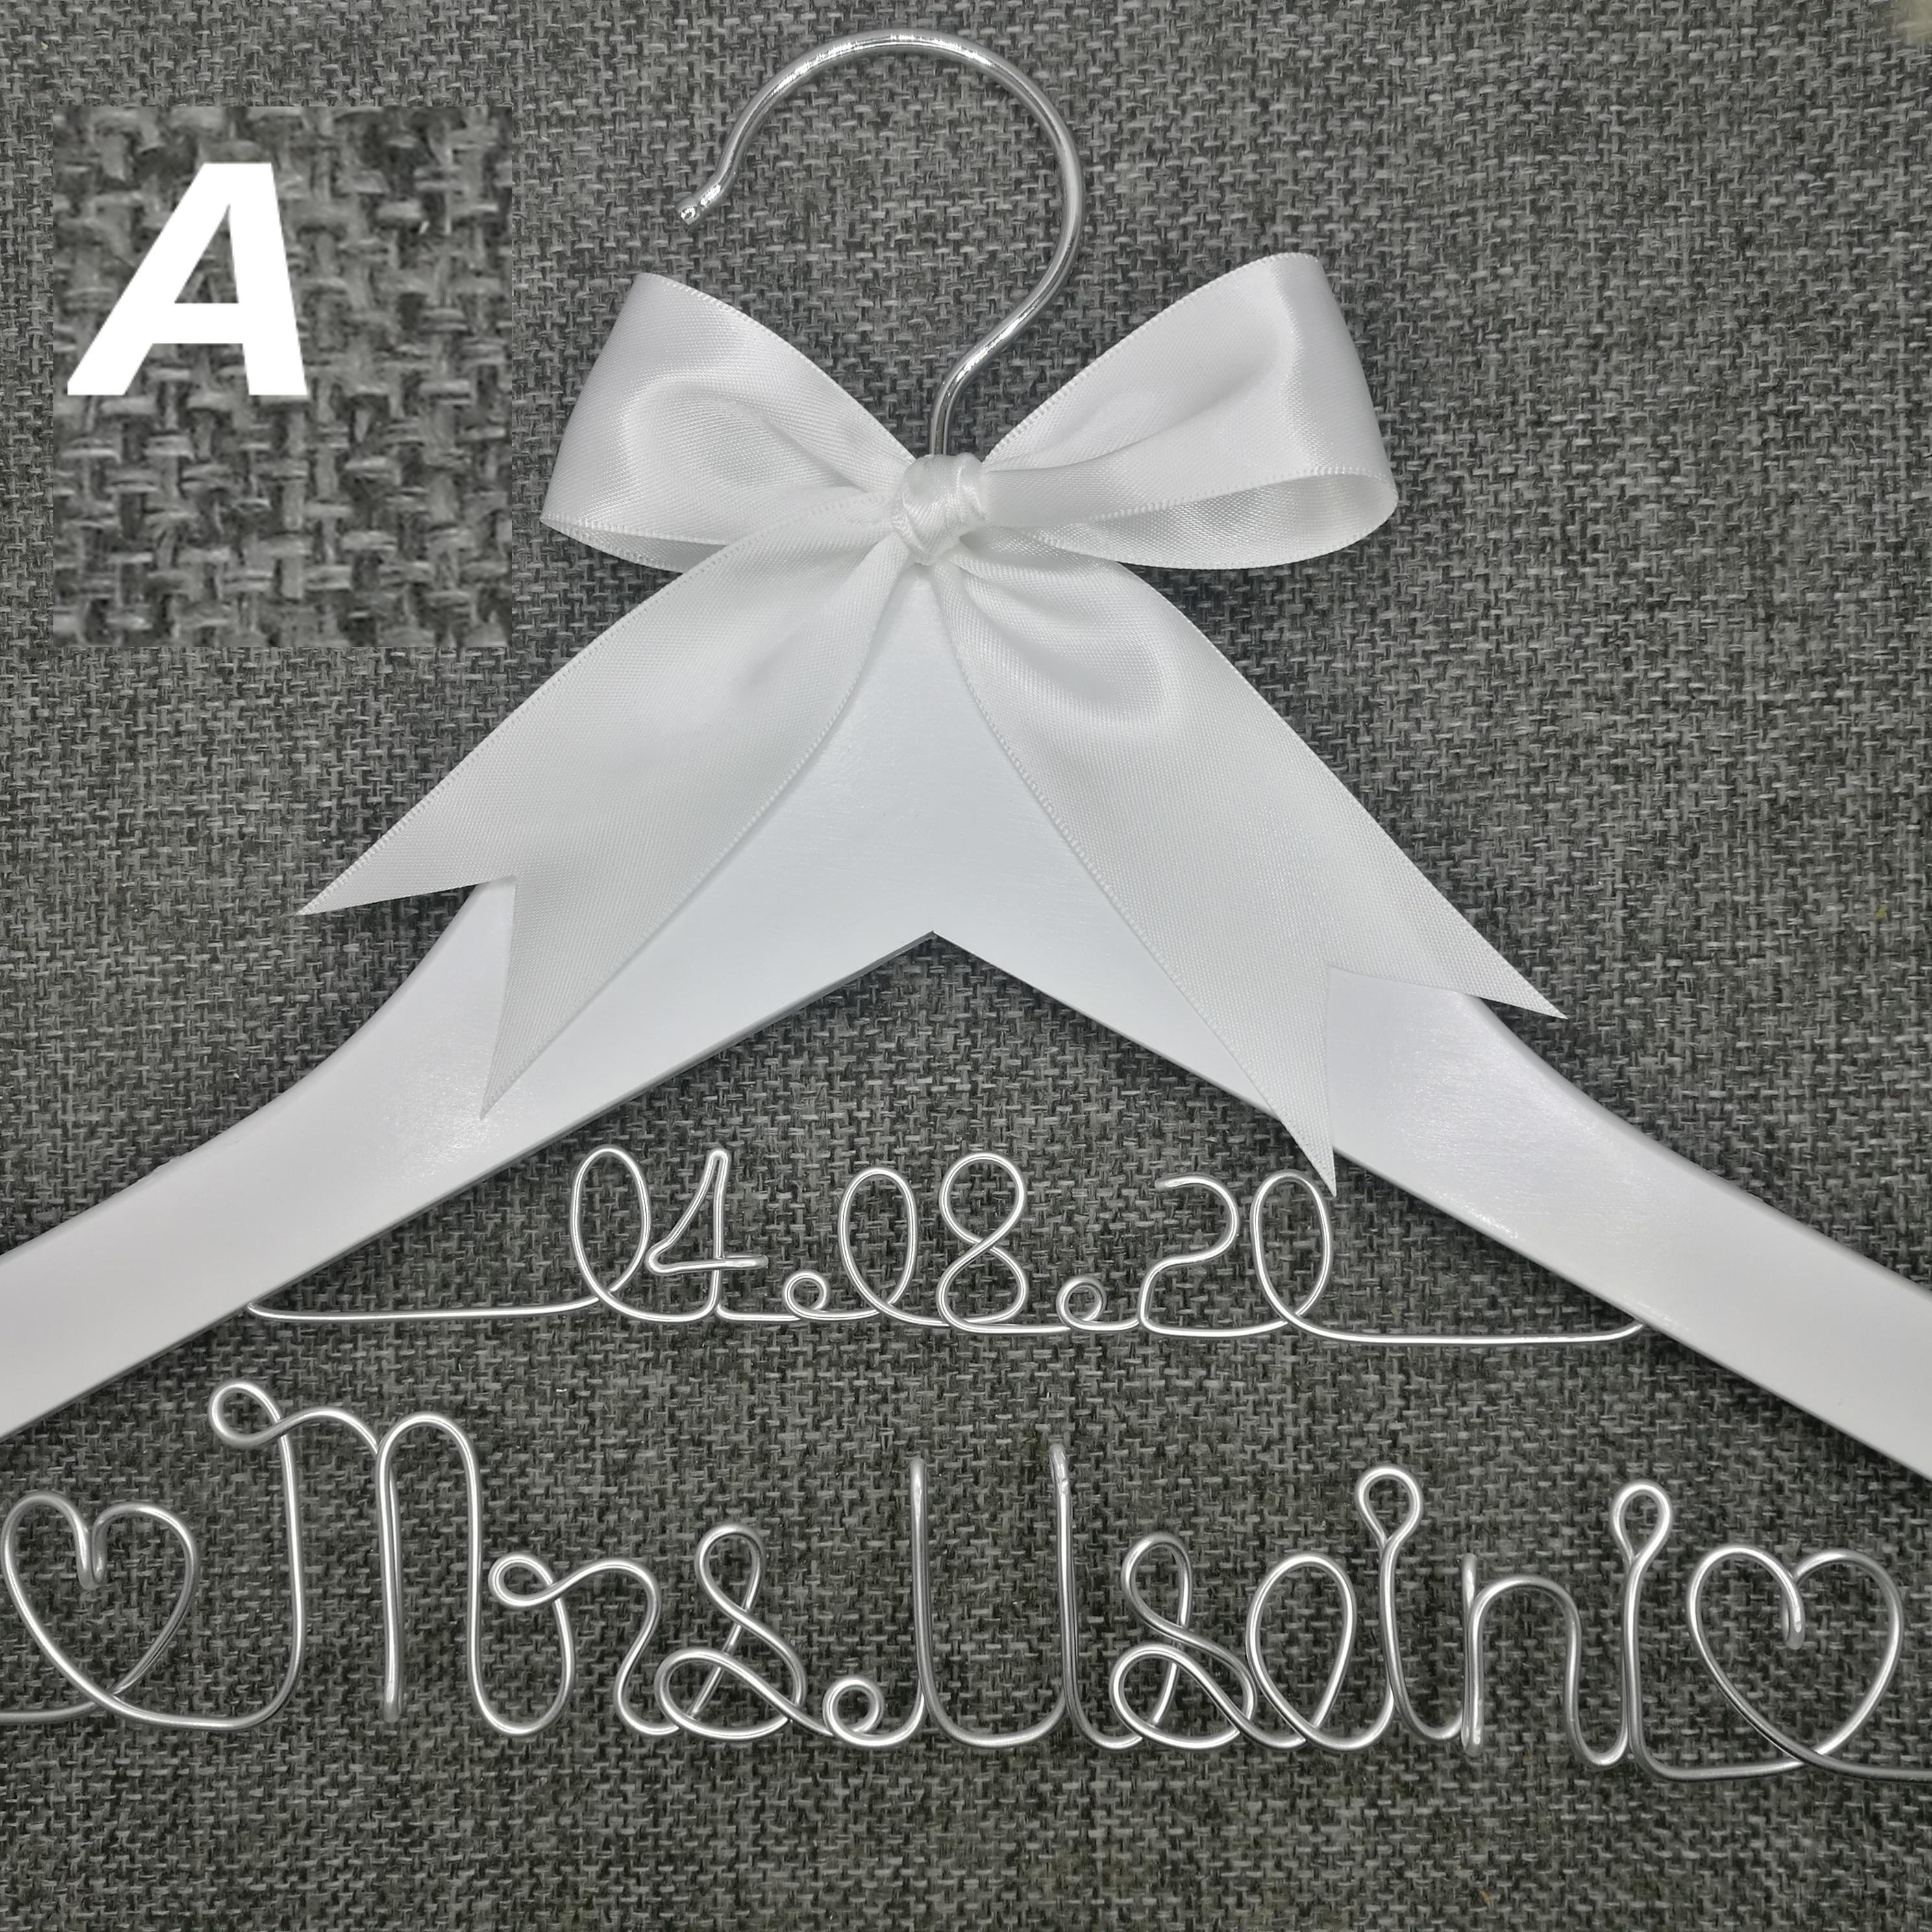 Персонализированные вешалки для свадьбы, подарки для подружки невесты, вешалку для имени, вешалку для платья невесты на заказ белый подарок...